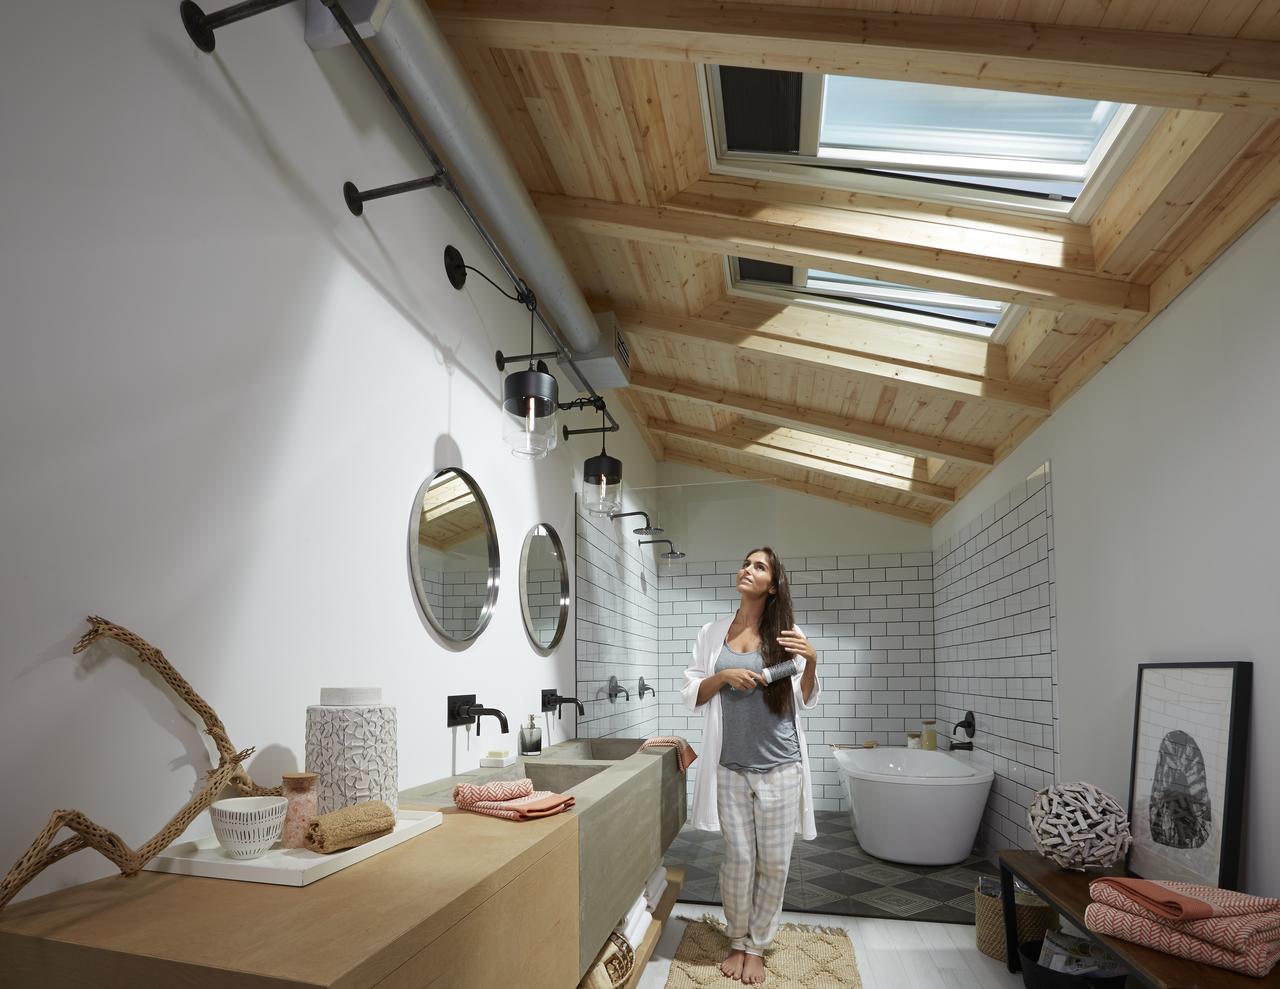 Salle de bains dans les combles : comment bien gérer la